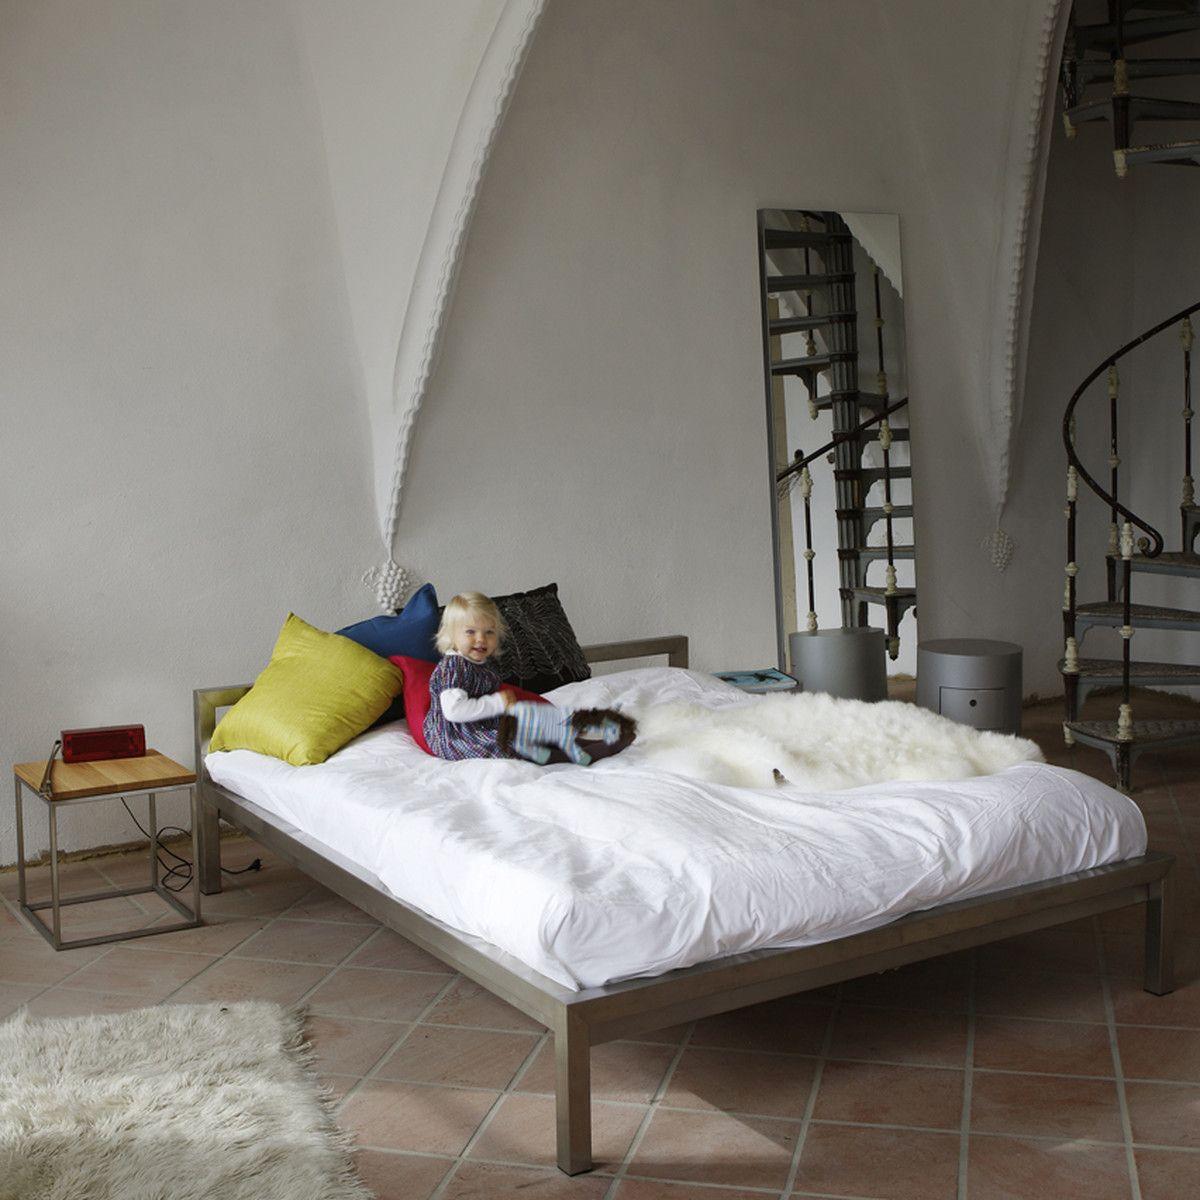 Bett ohne Kopfteil: So wird das Schlafzimmer größer | Möbel Deko ...